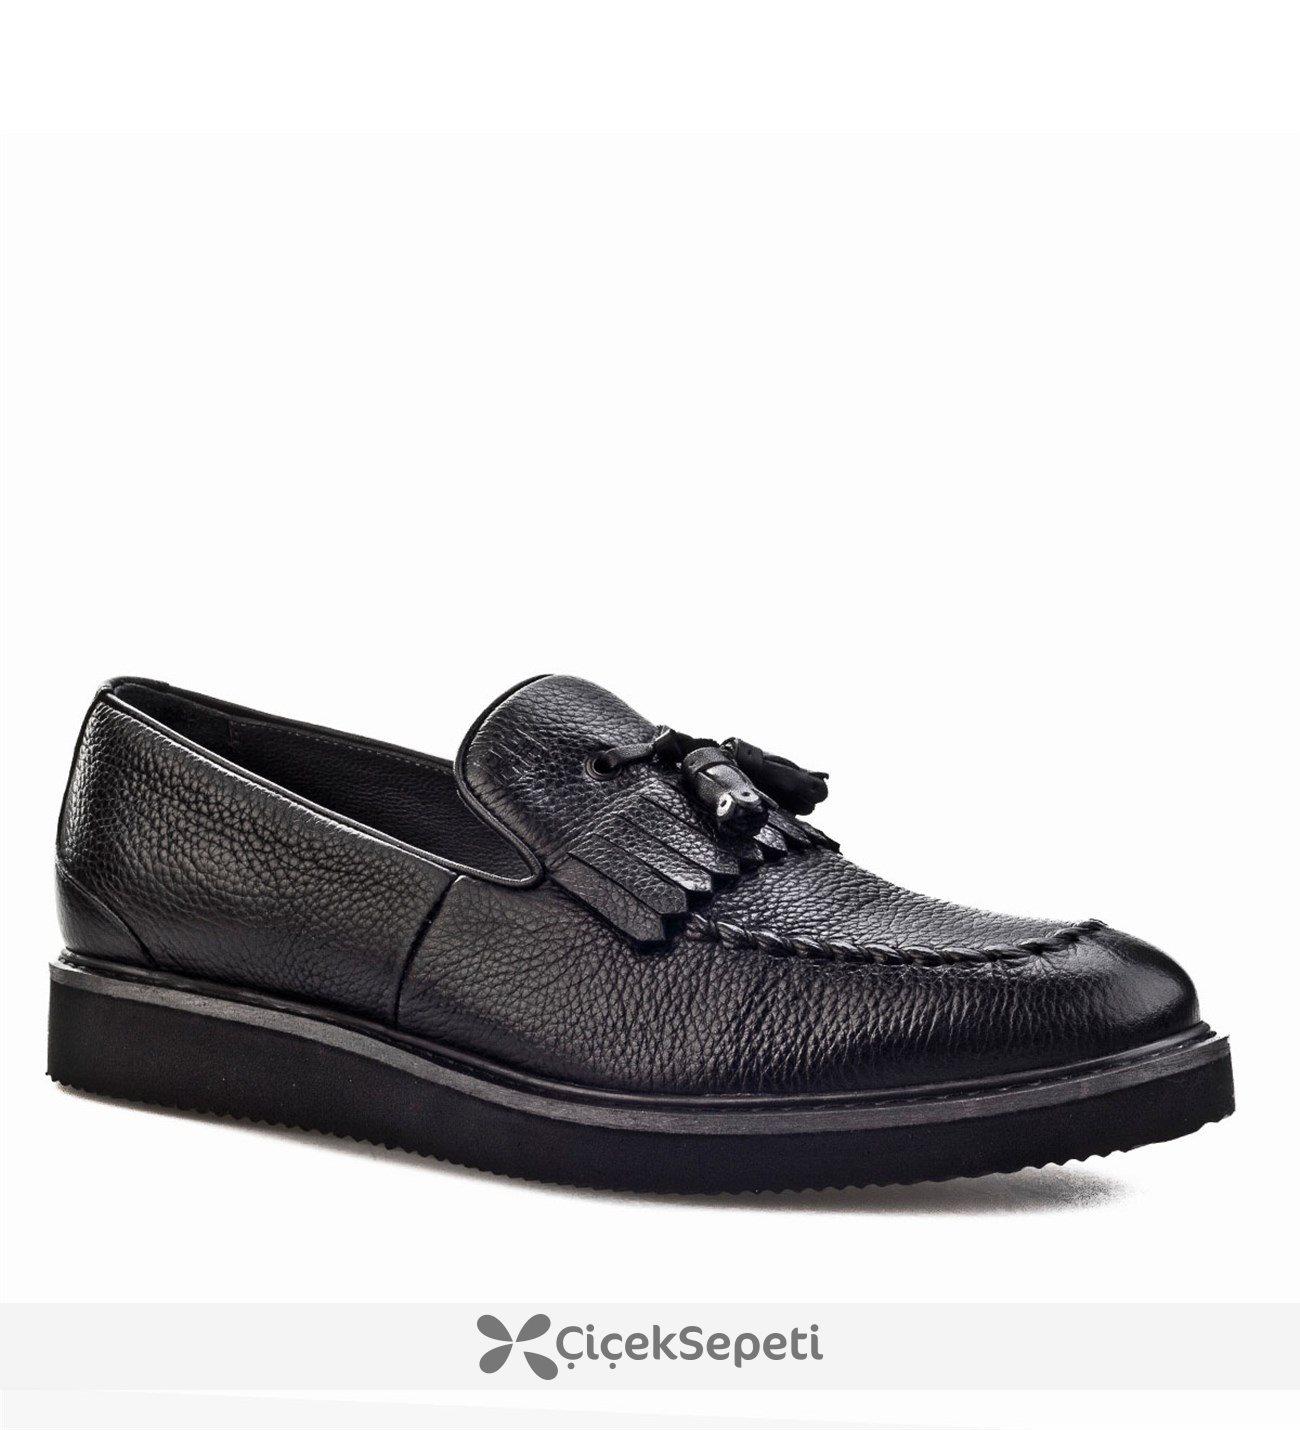 Cabani Fiyonklu Günlük Erkek Ayakkabı Siyah Naturel Floter Deri